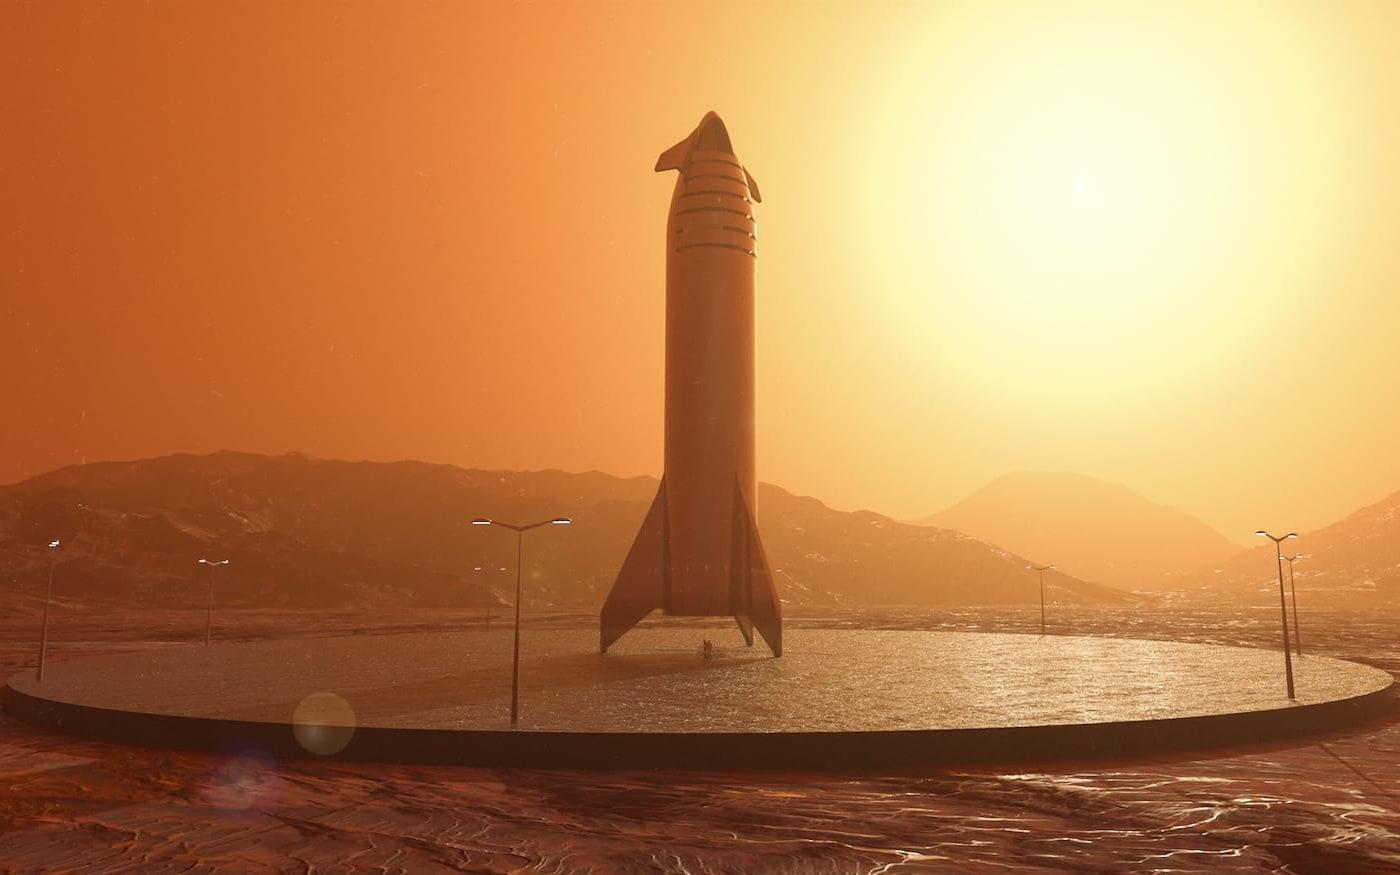 Elon Musk dá detalhes sobre nave Starship, projetada para levar o homem à Marte